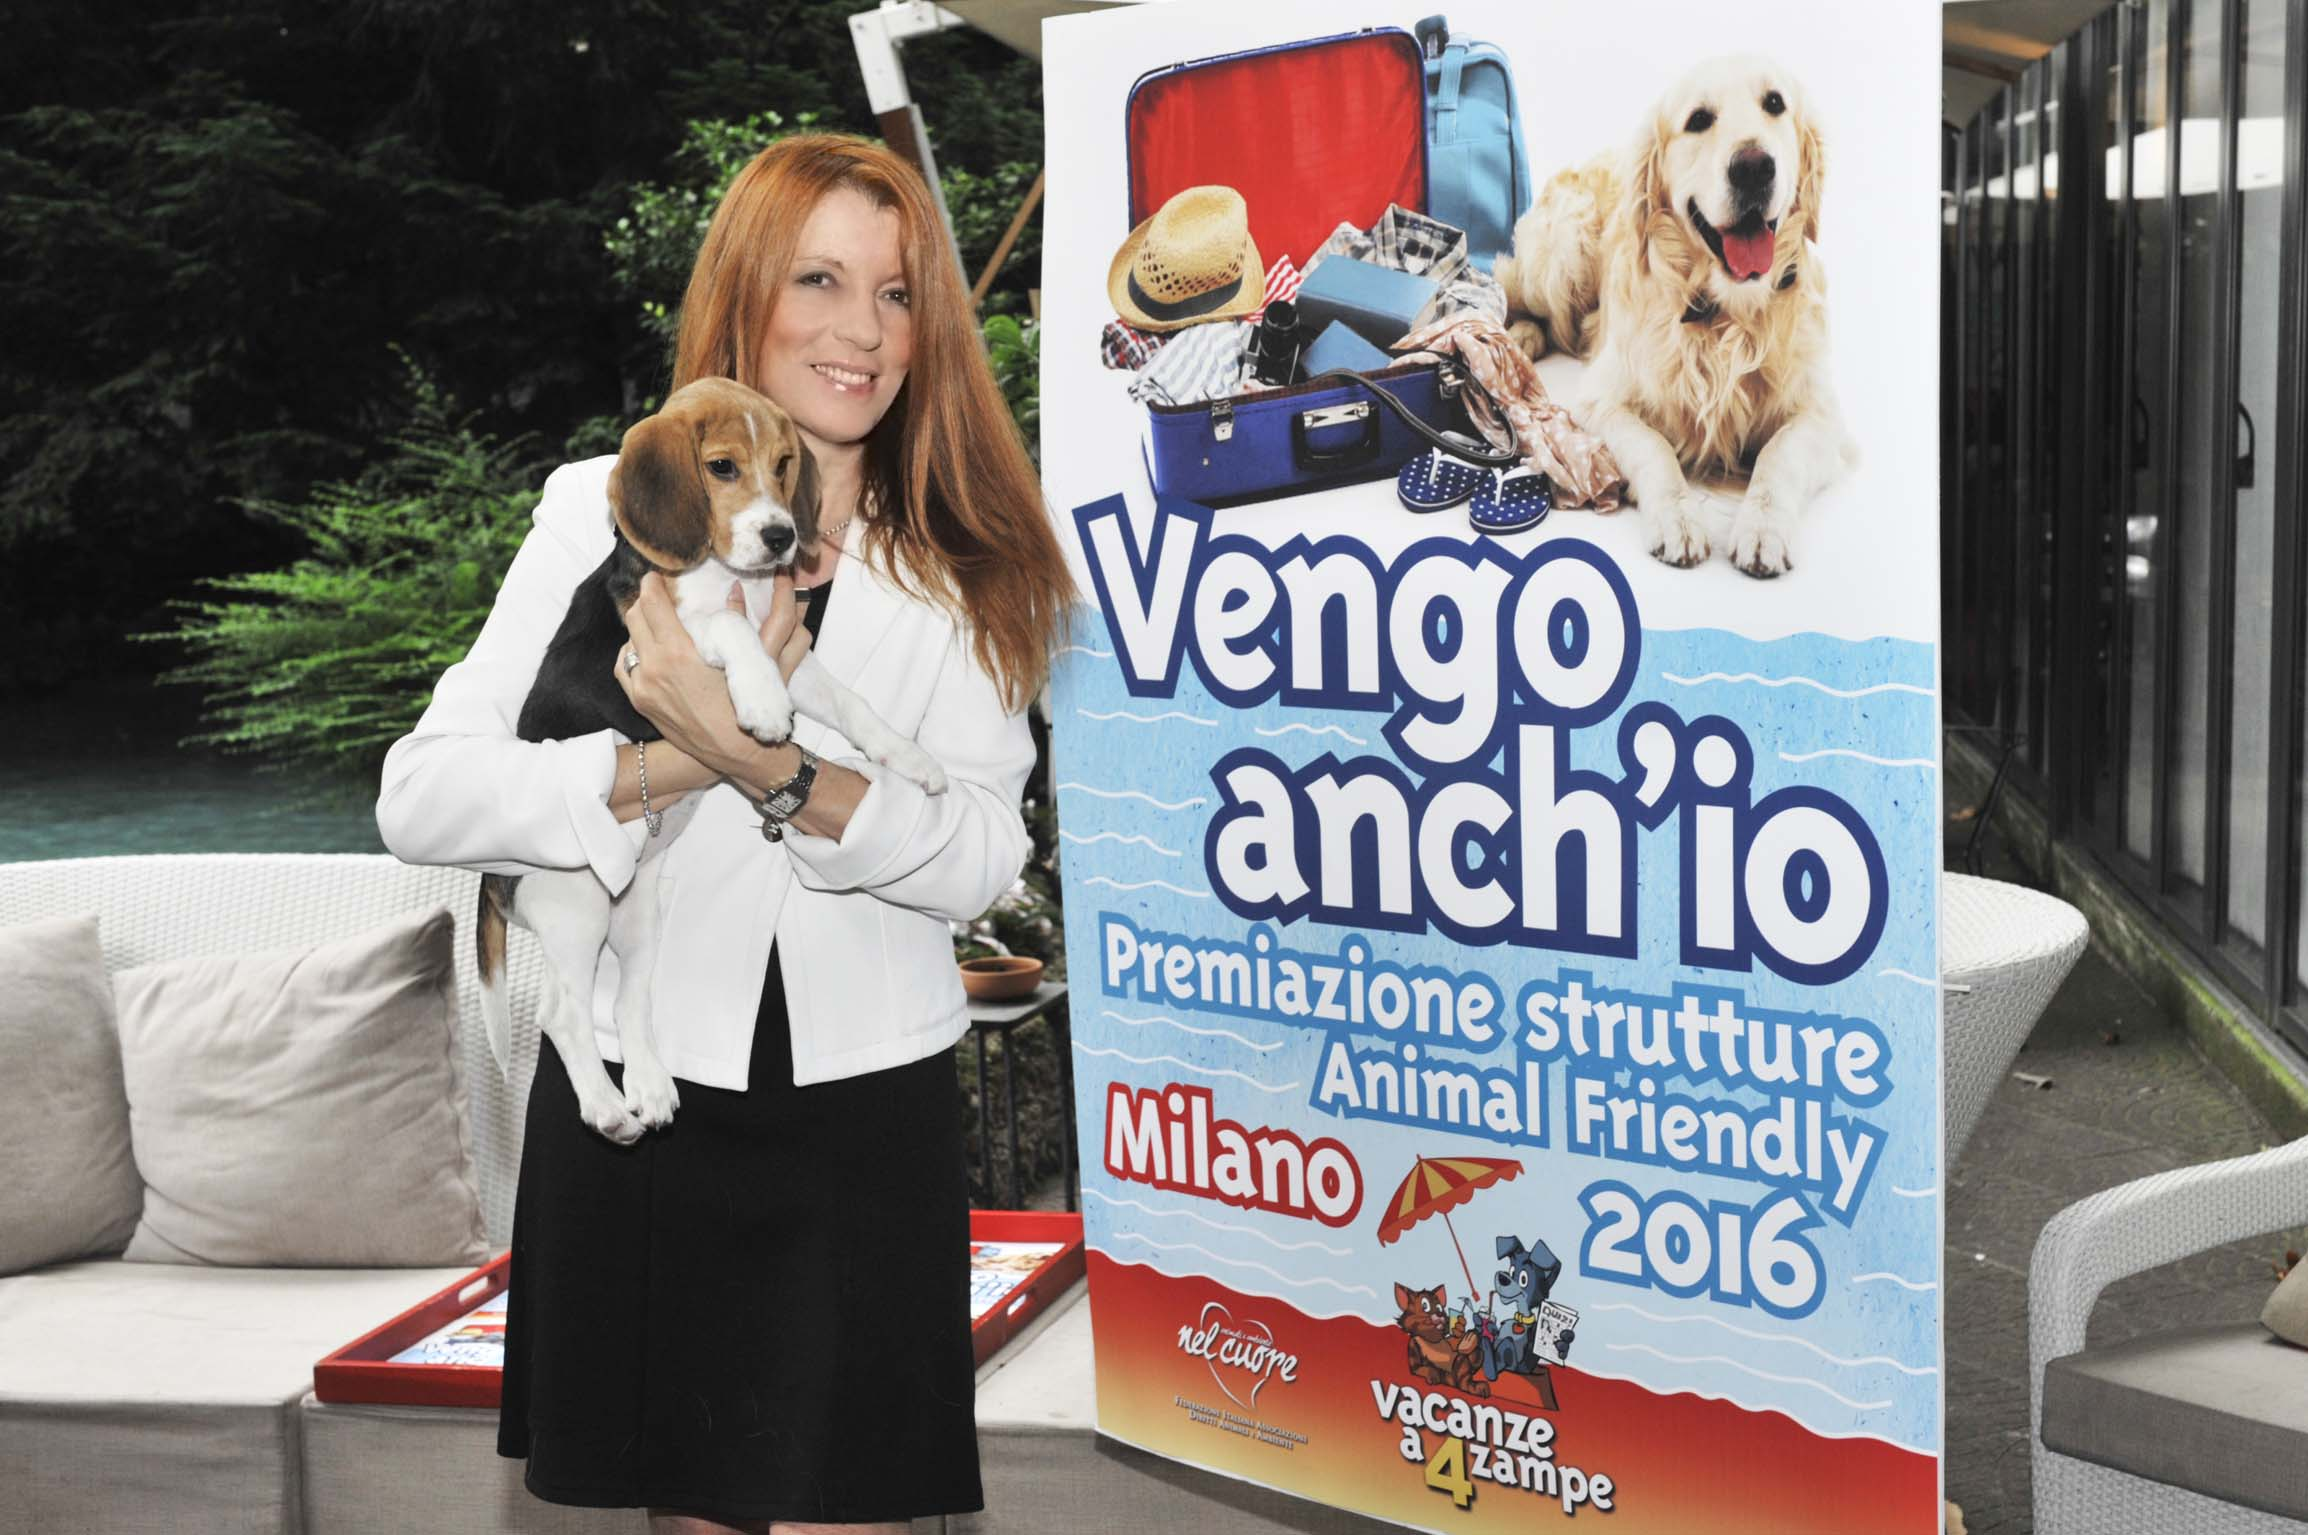 Michela Vittoria Brambilla alla premiazione delle strutture animal friendly